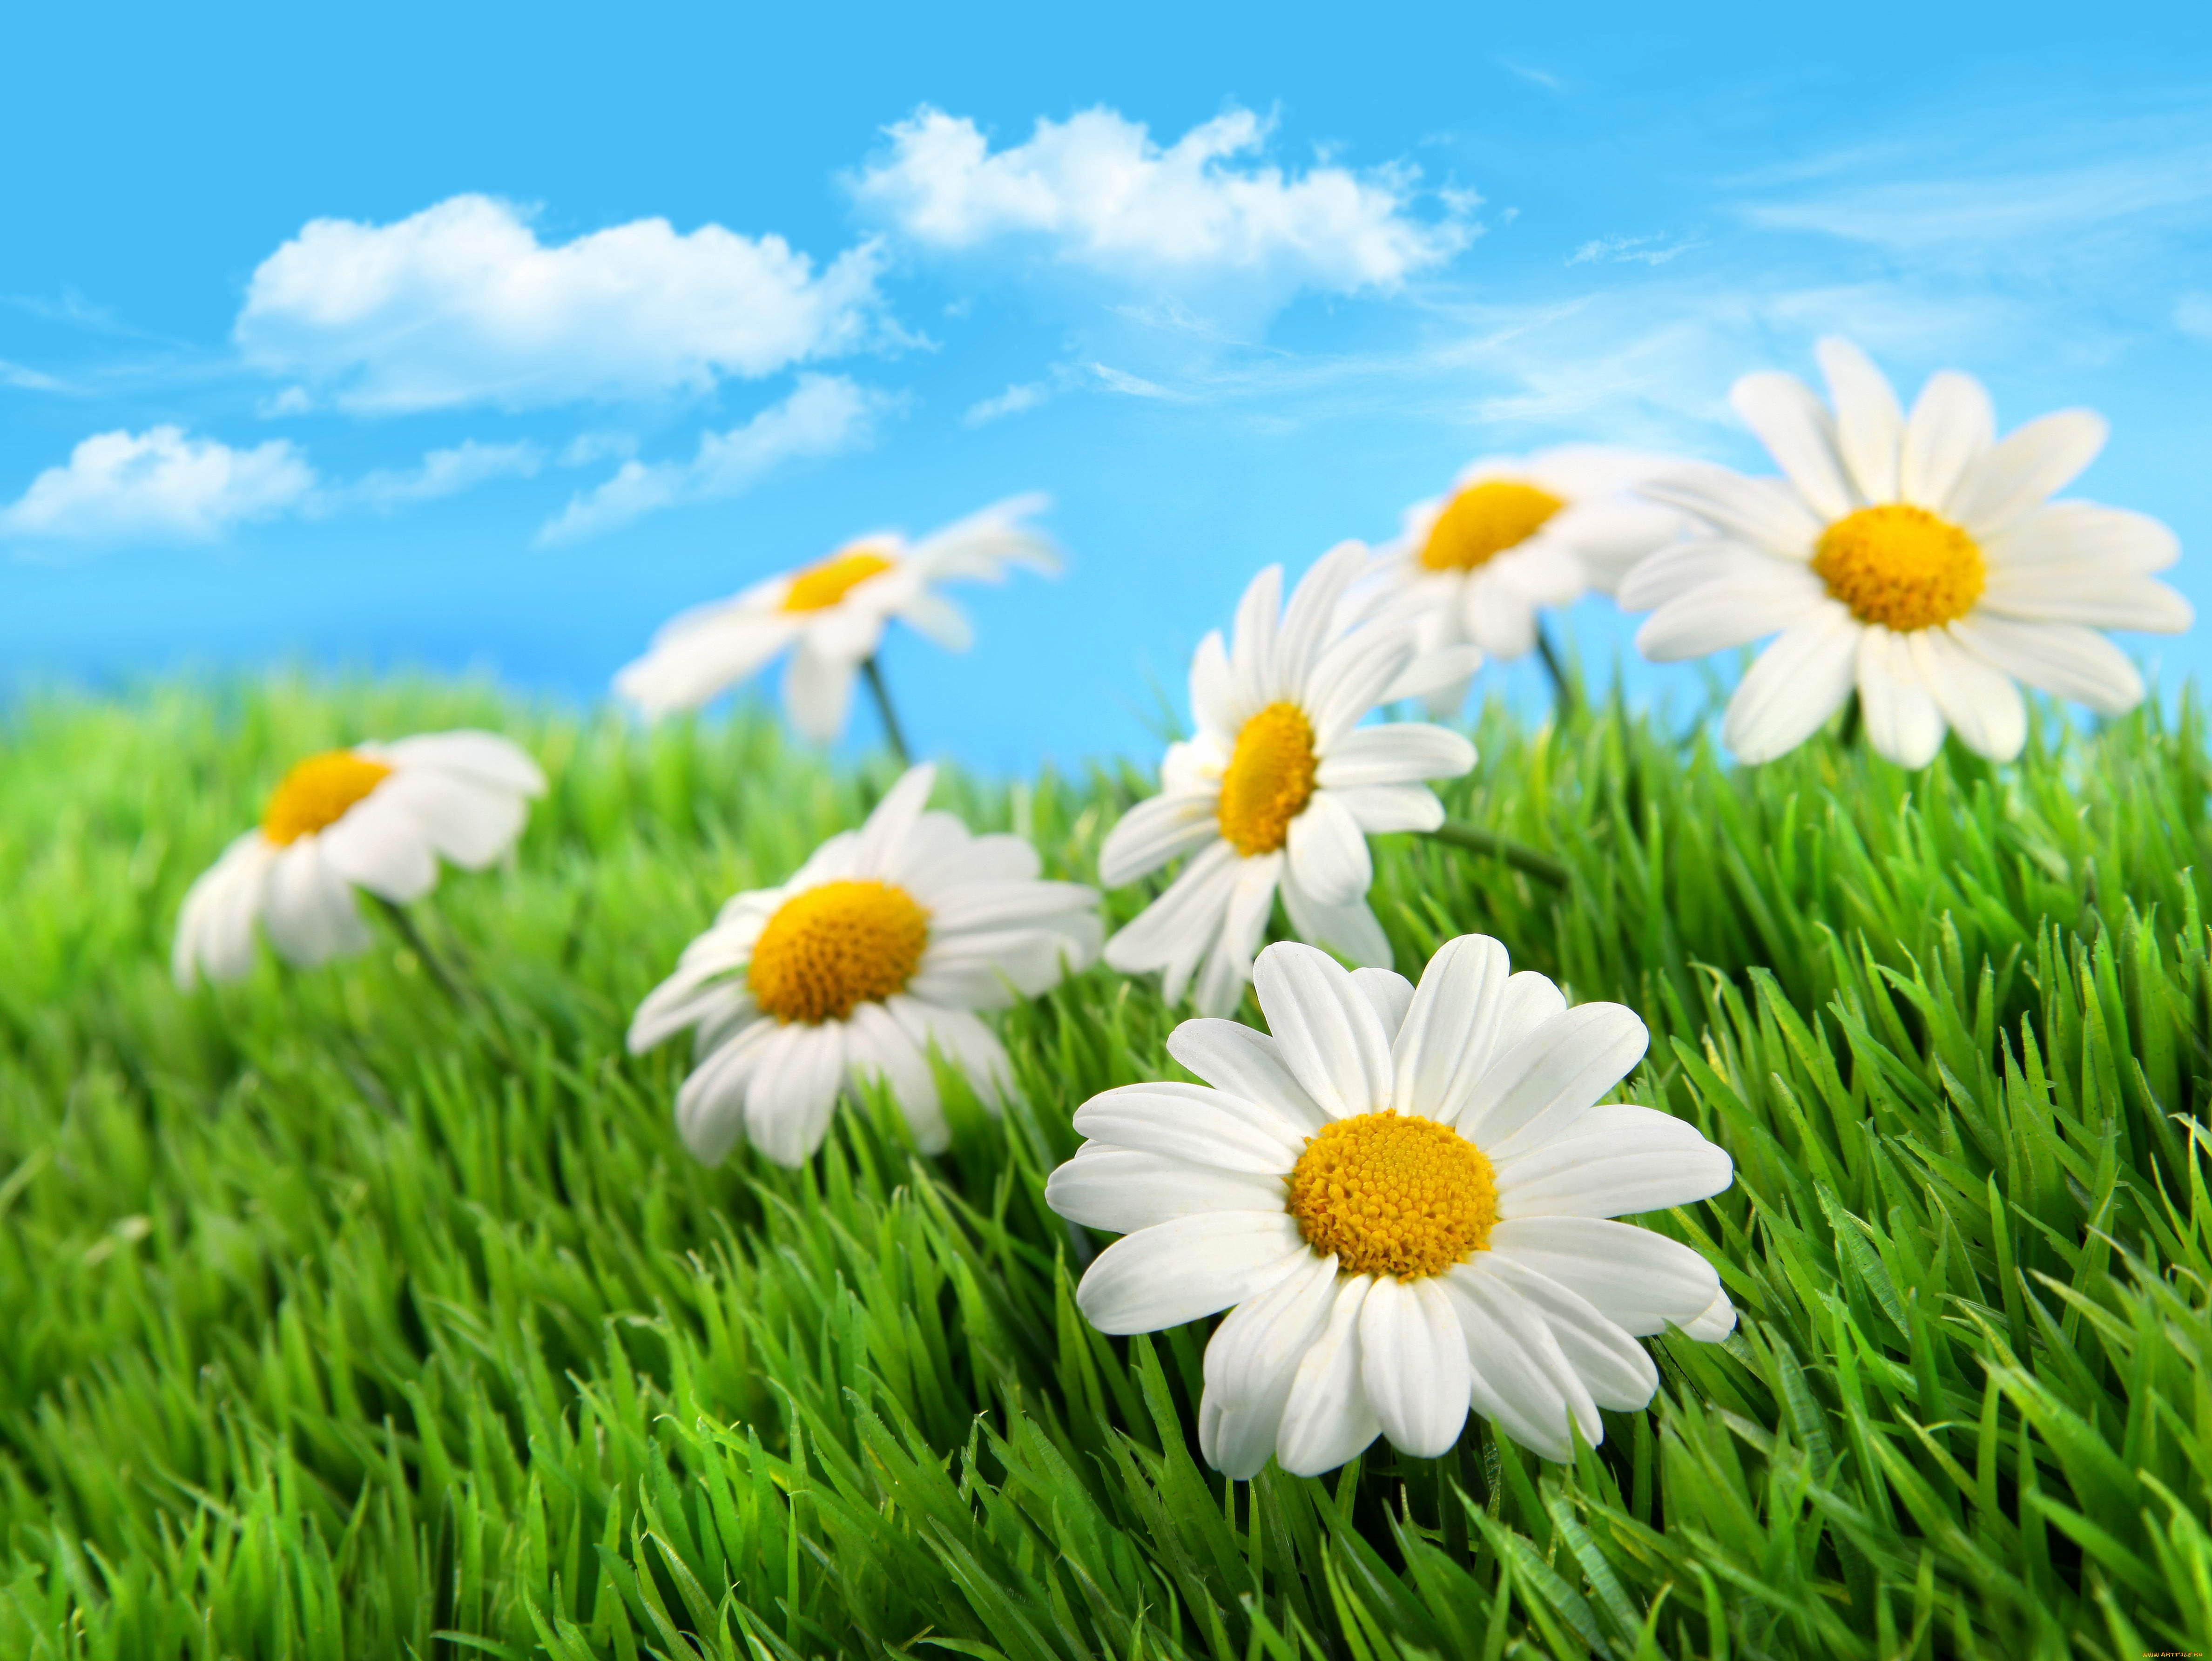 поле, трава зеленая, белые цветы ромашки, скачать фото